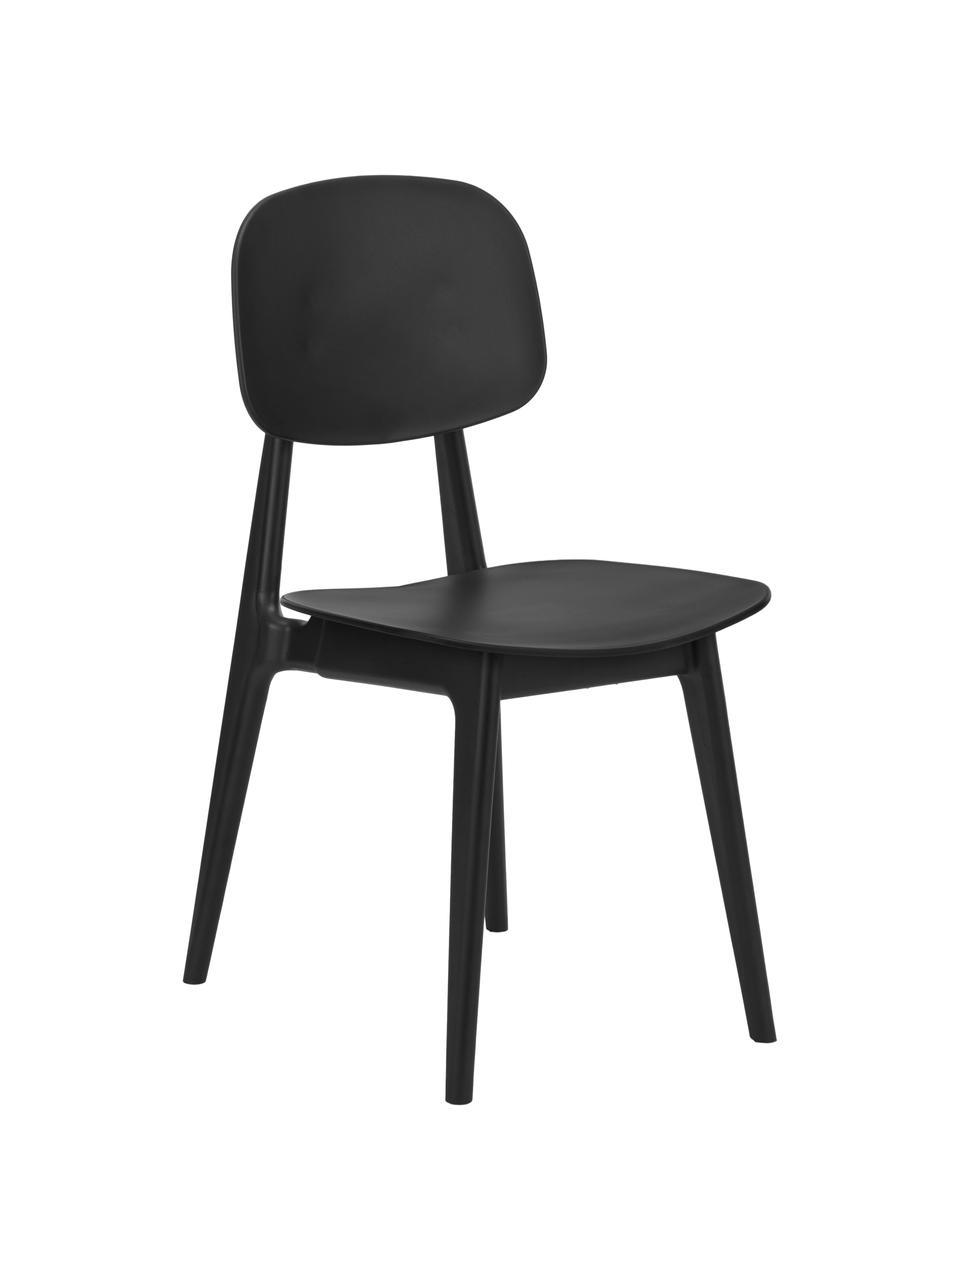 Krzesło z tworzywa sztucznego Smilla, 2szt., Nogi: metal malowany proszkowo, Czarny, matowy, S 43 x G 49 cm